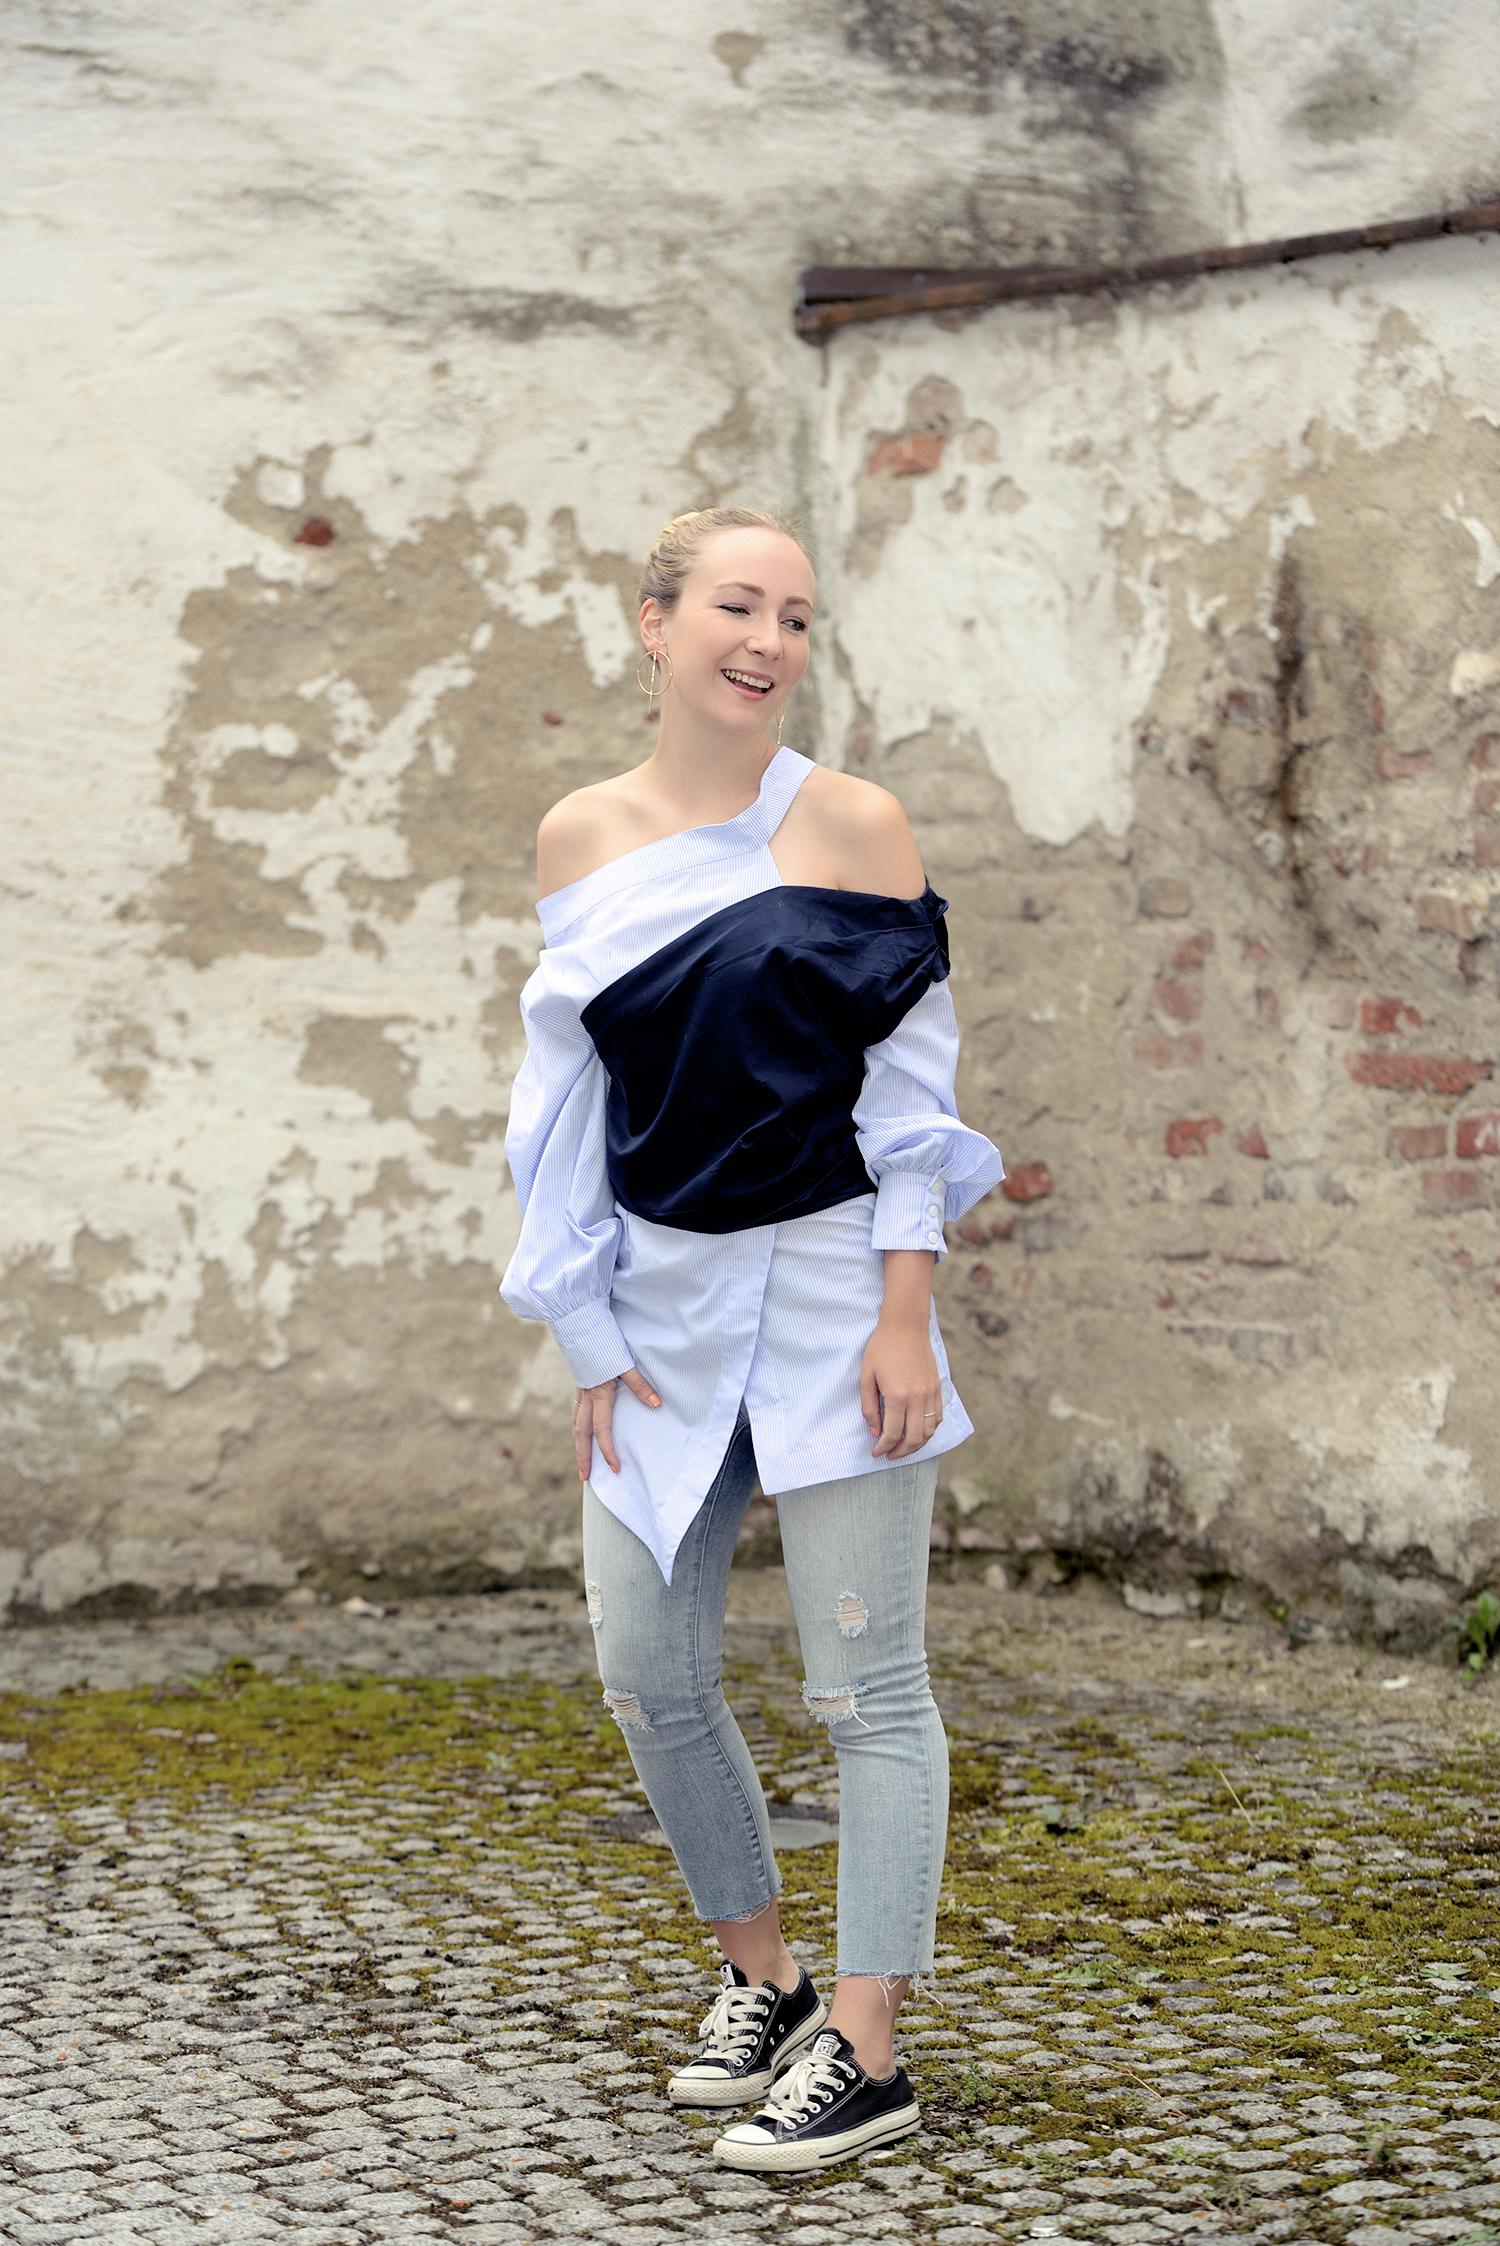 dekonstruierte Kleidung Erklärung Stylewe Blouse TheKontemporary